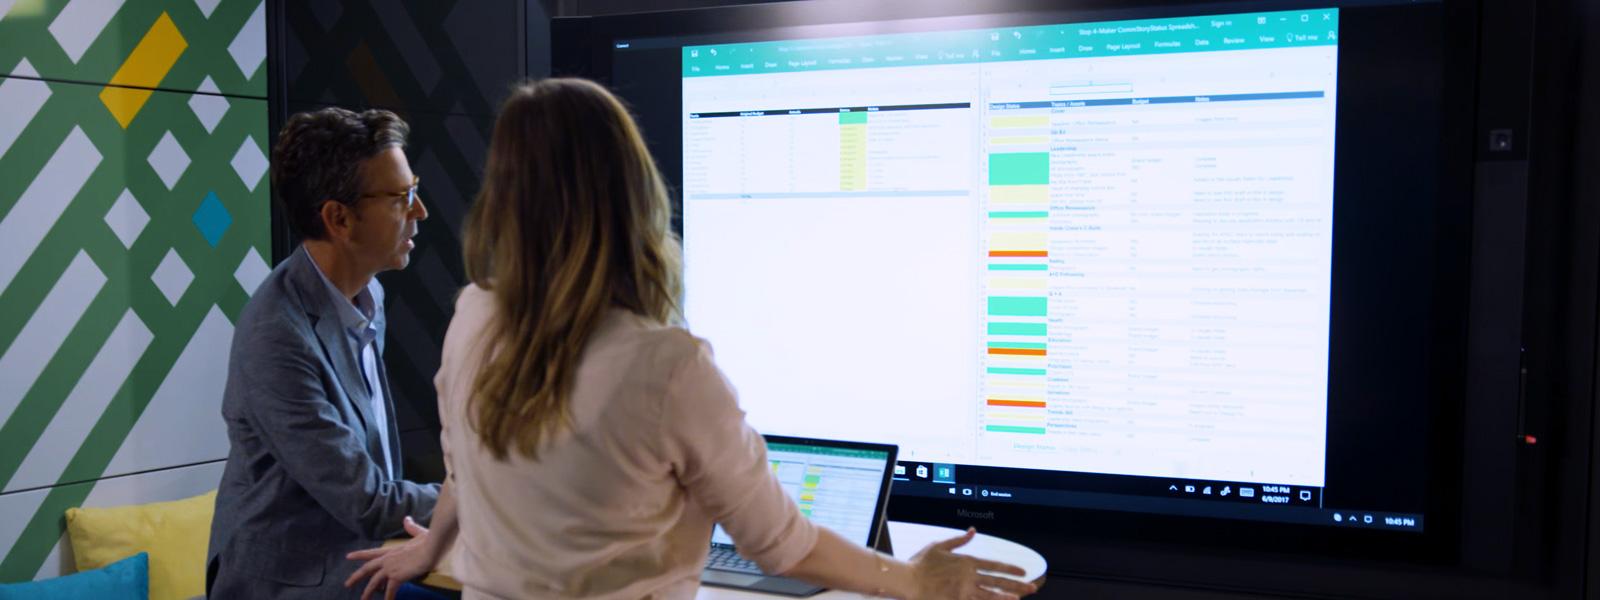 L'un des 5 espaces Steelcase conçus pour bien travailler avec les appareils Surface, où une femme et un homme utilisent un Surface Hub.